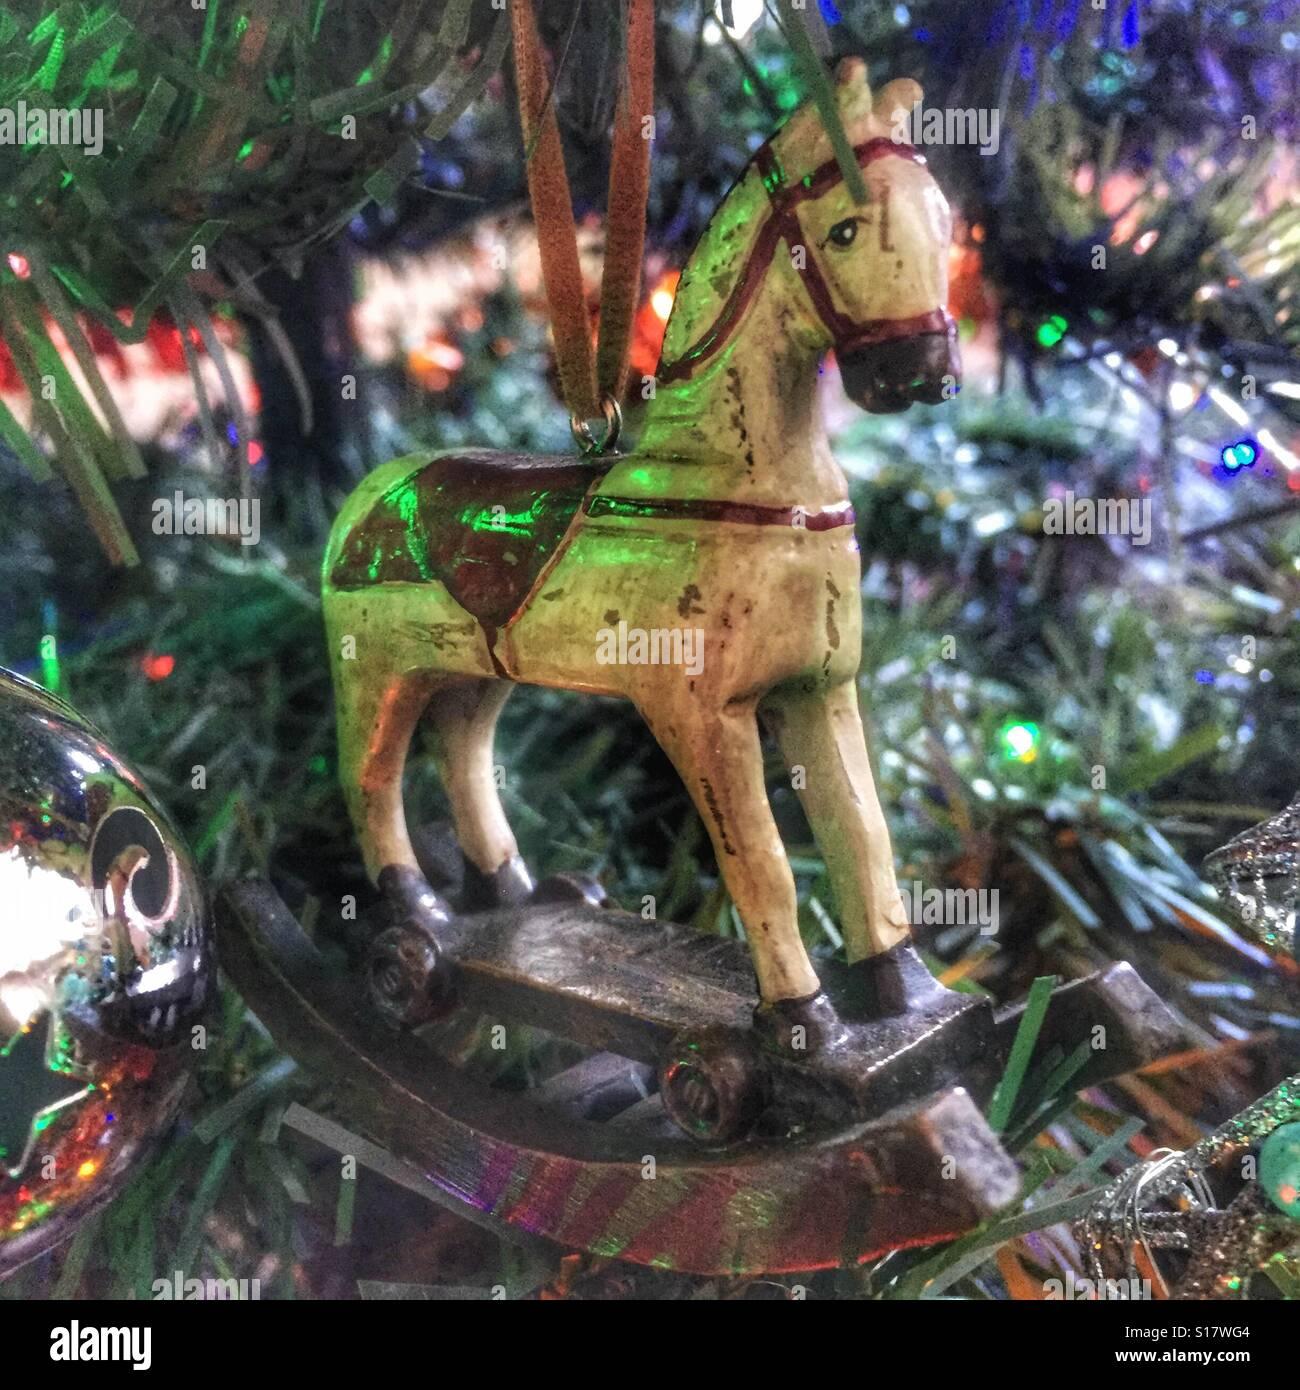 rocking horse christmas tree decoration stock image - Horse Christmas